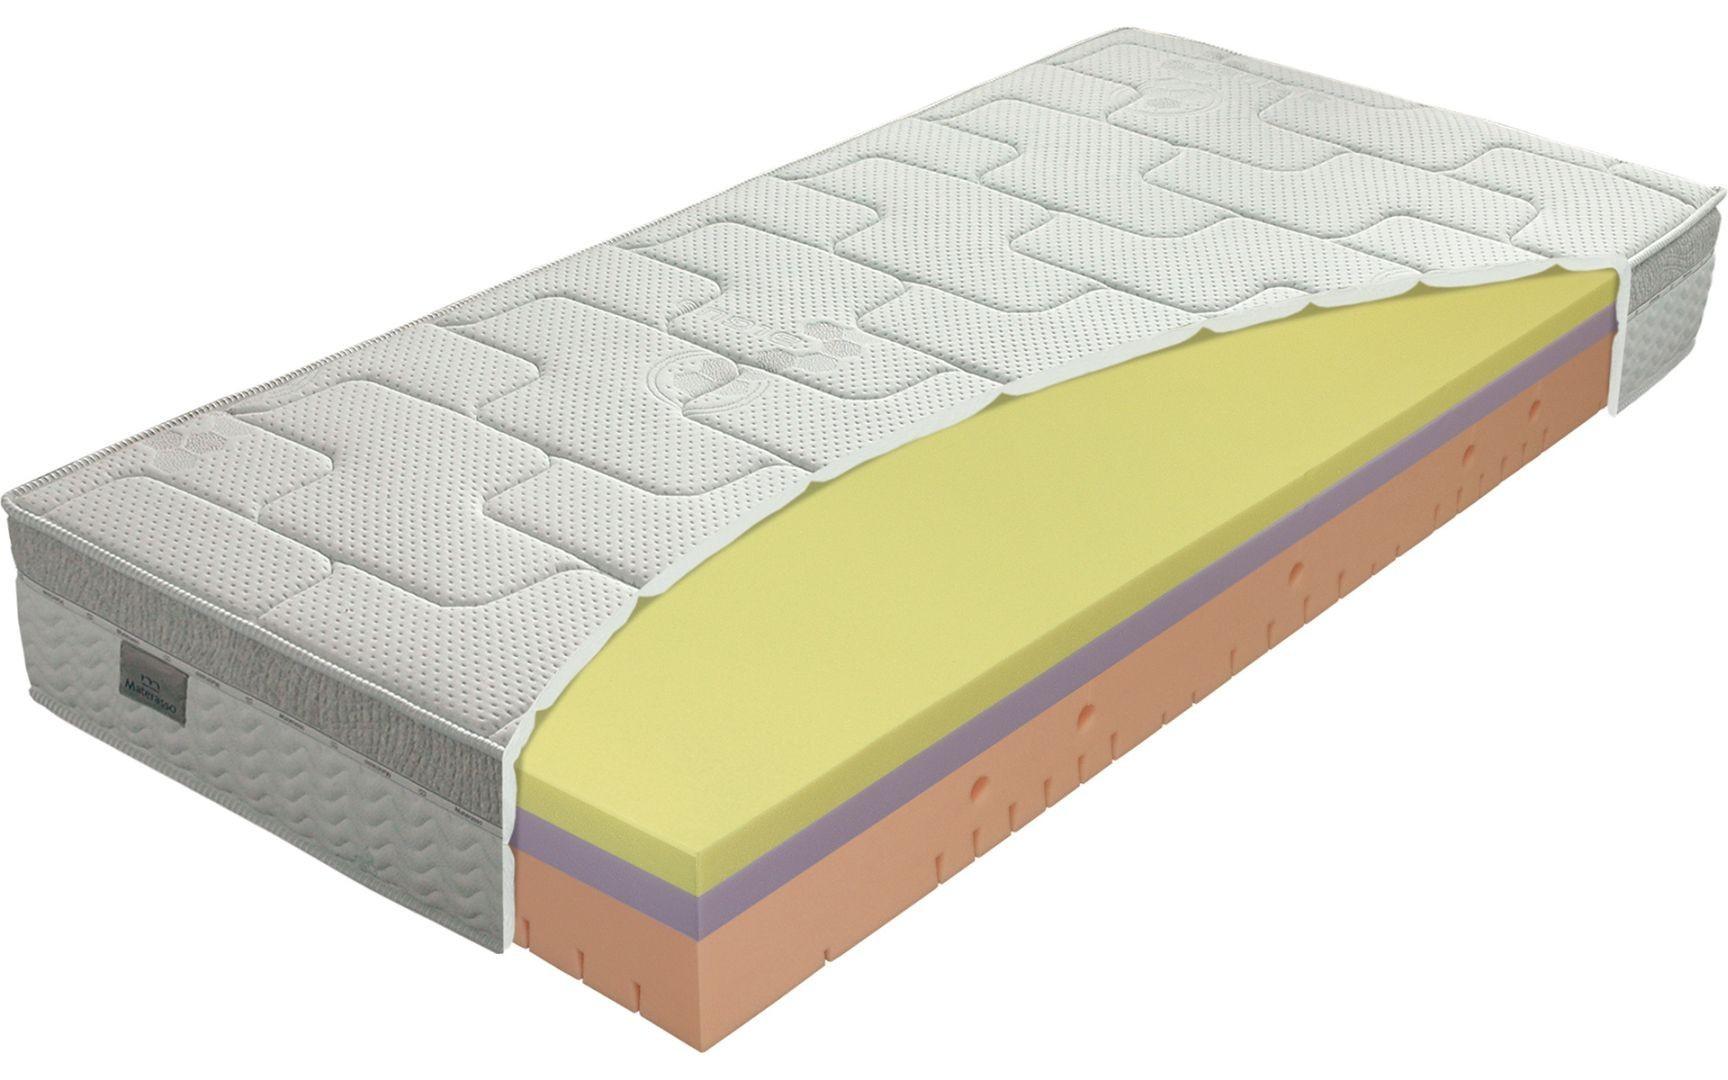 Materasso GALAXY viscostar - matrace z líné pěny s antidekubitní deskou, snímatelný potah